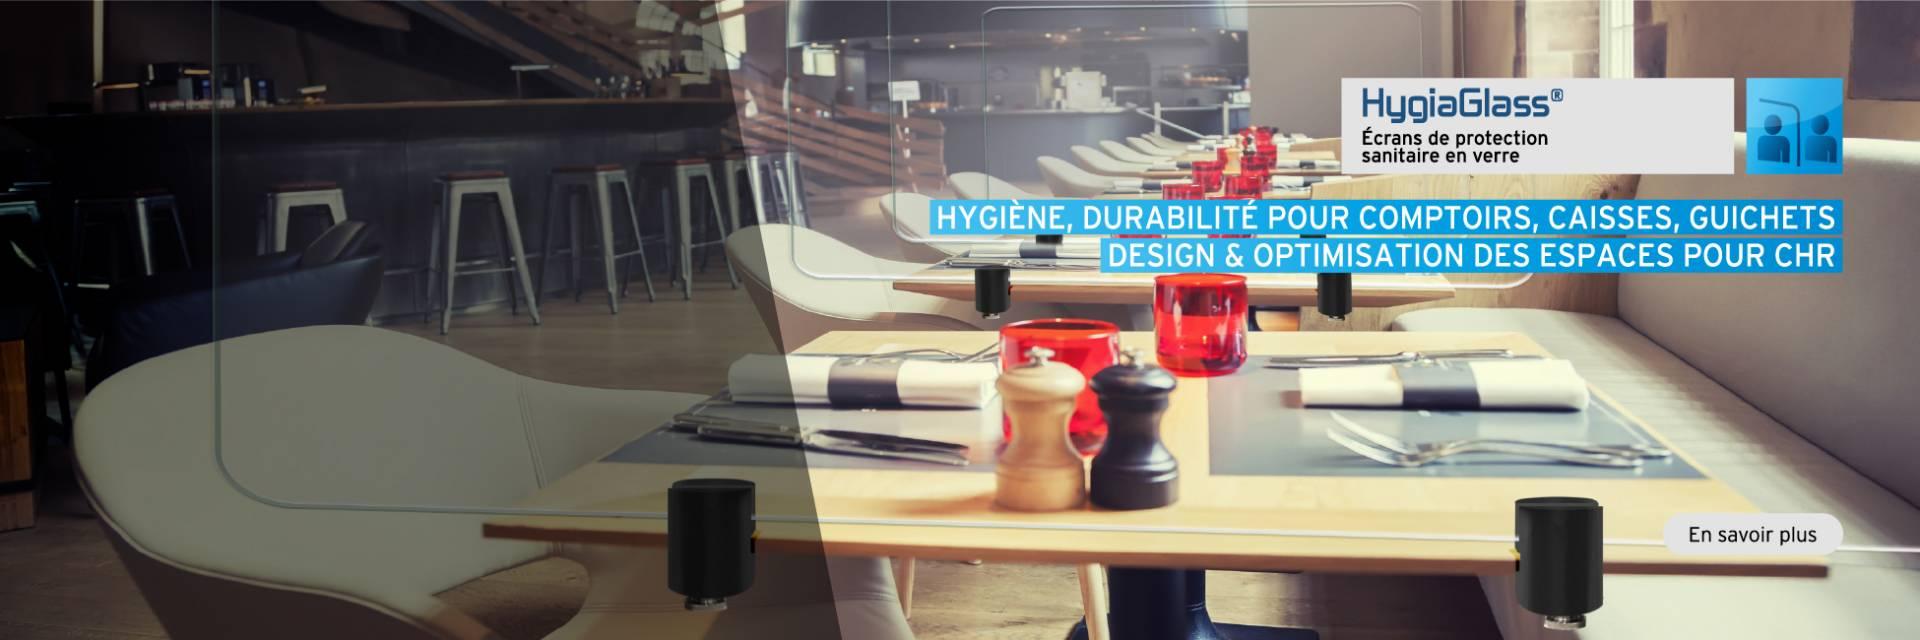 HygiaGlass, écran de protection sanitaire en verre